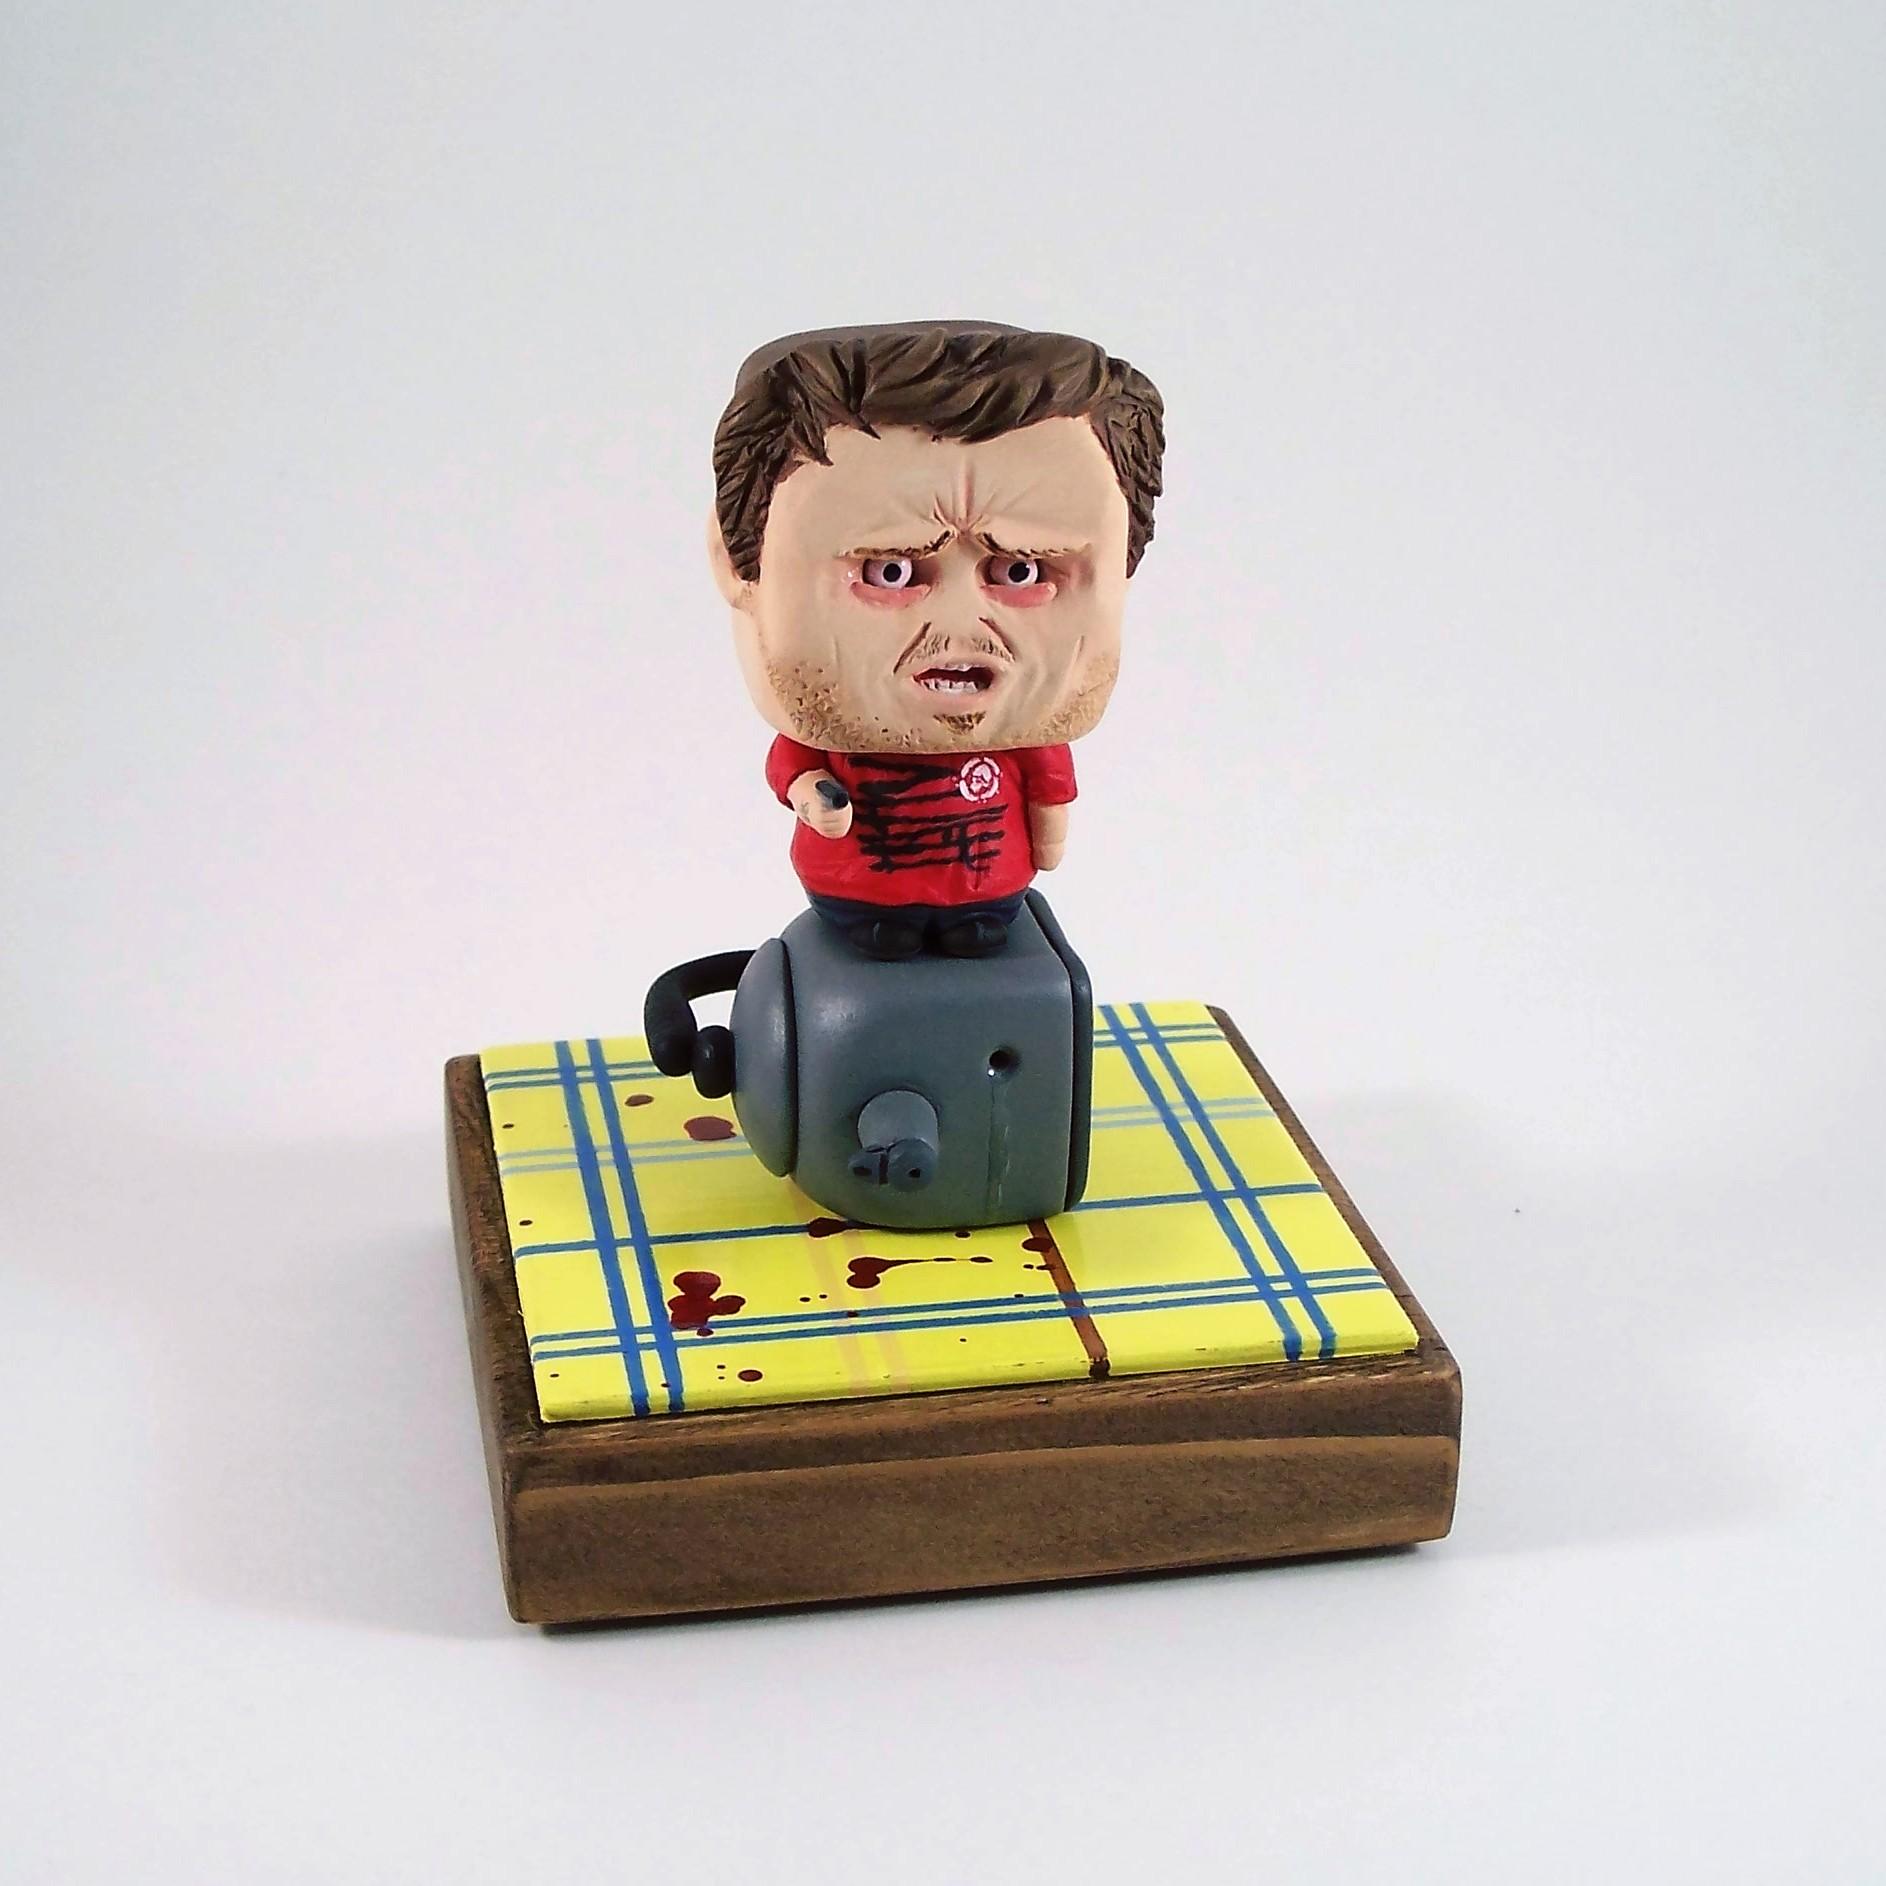 Mr. Pinkman